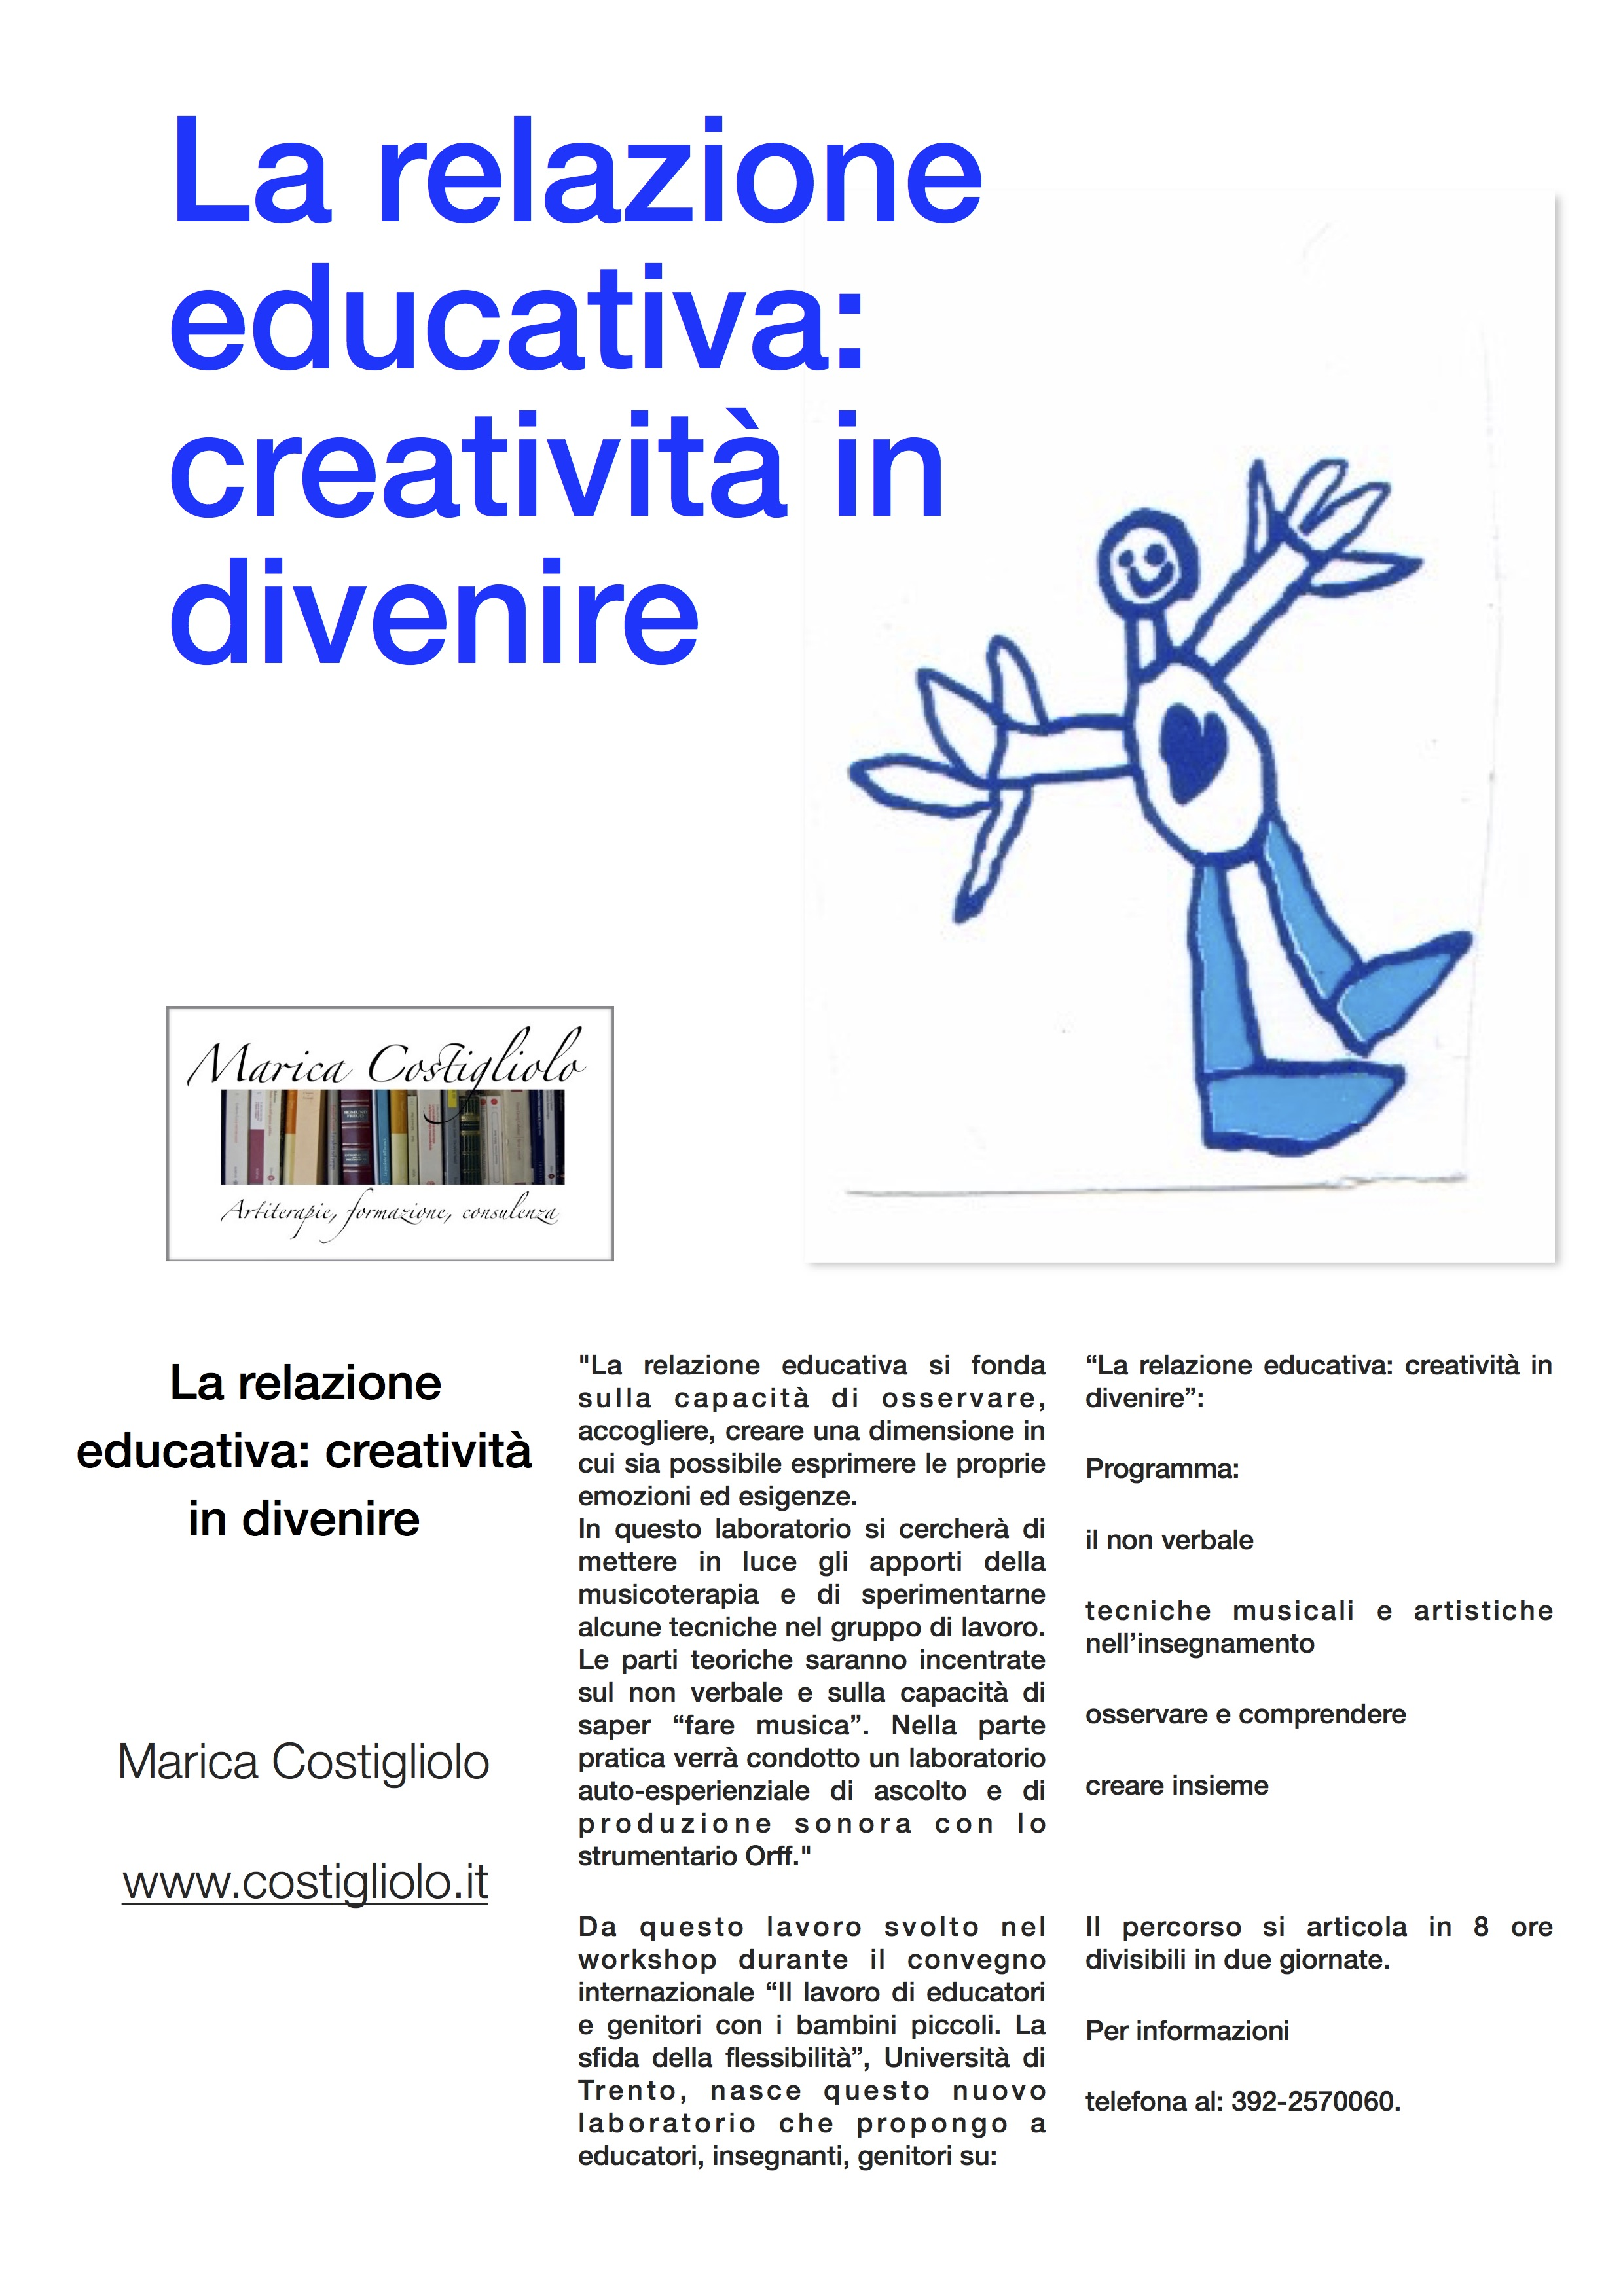 La relazione educativa: creatività in divenire